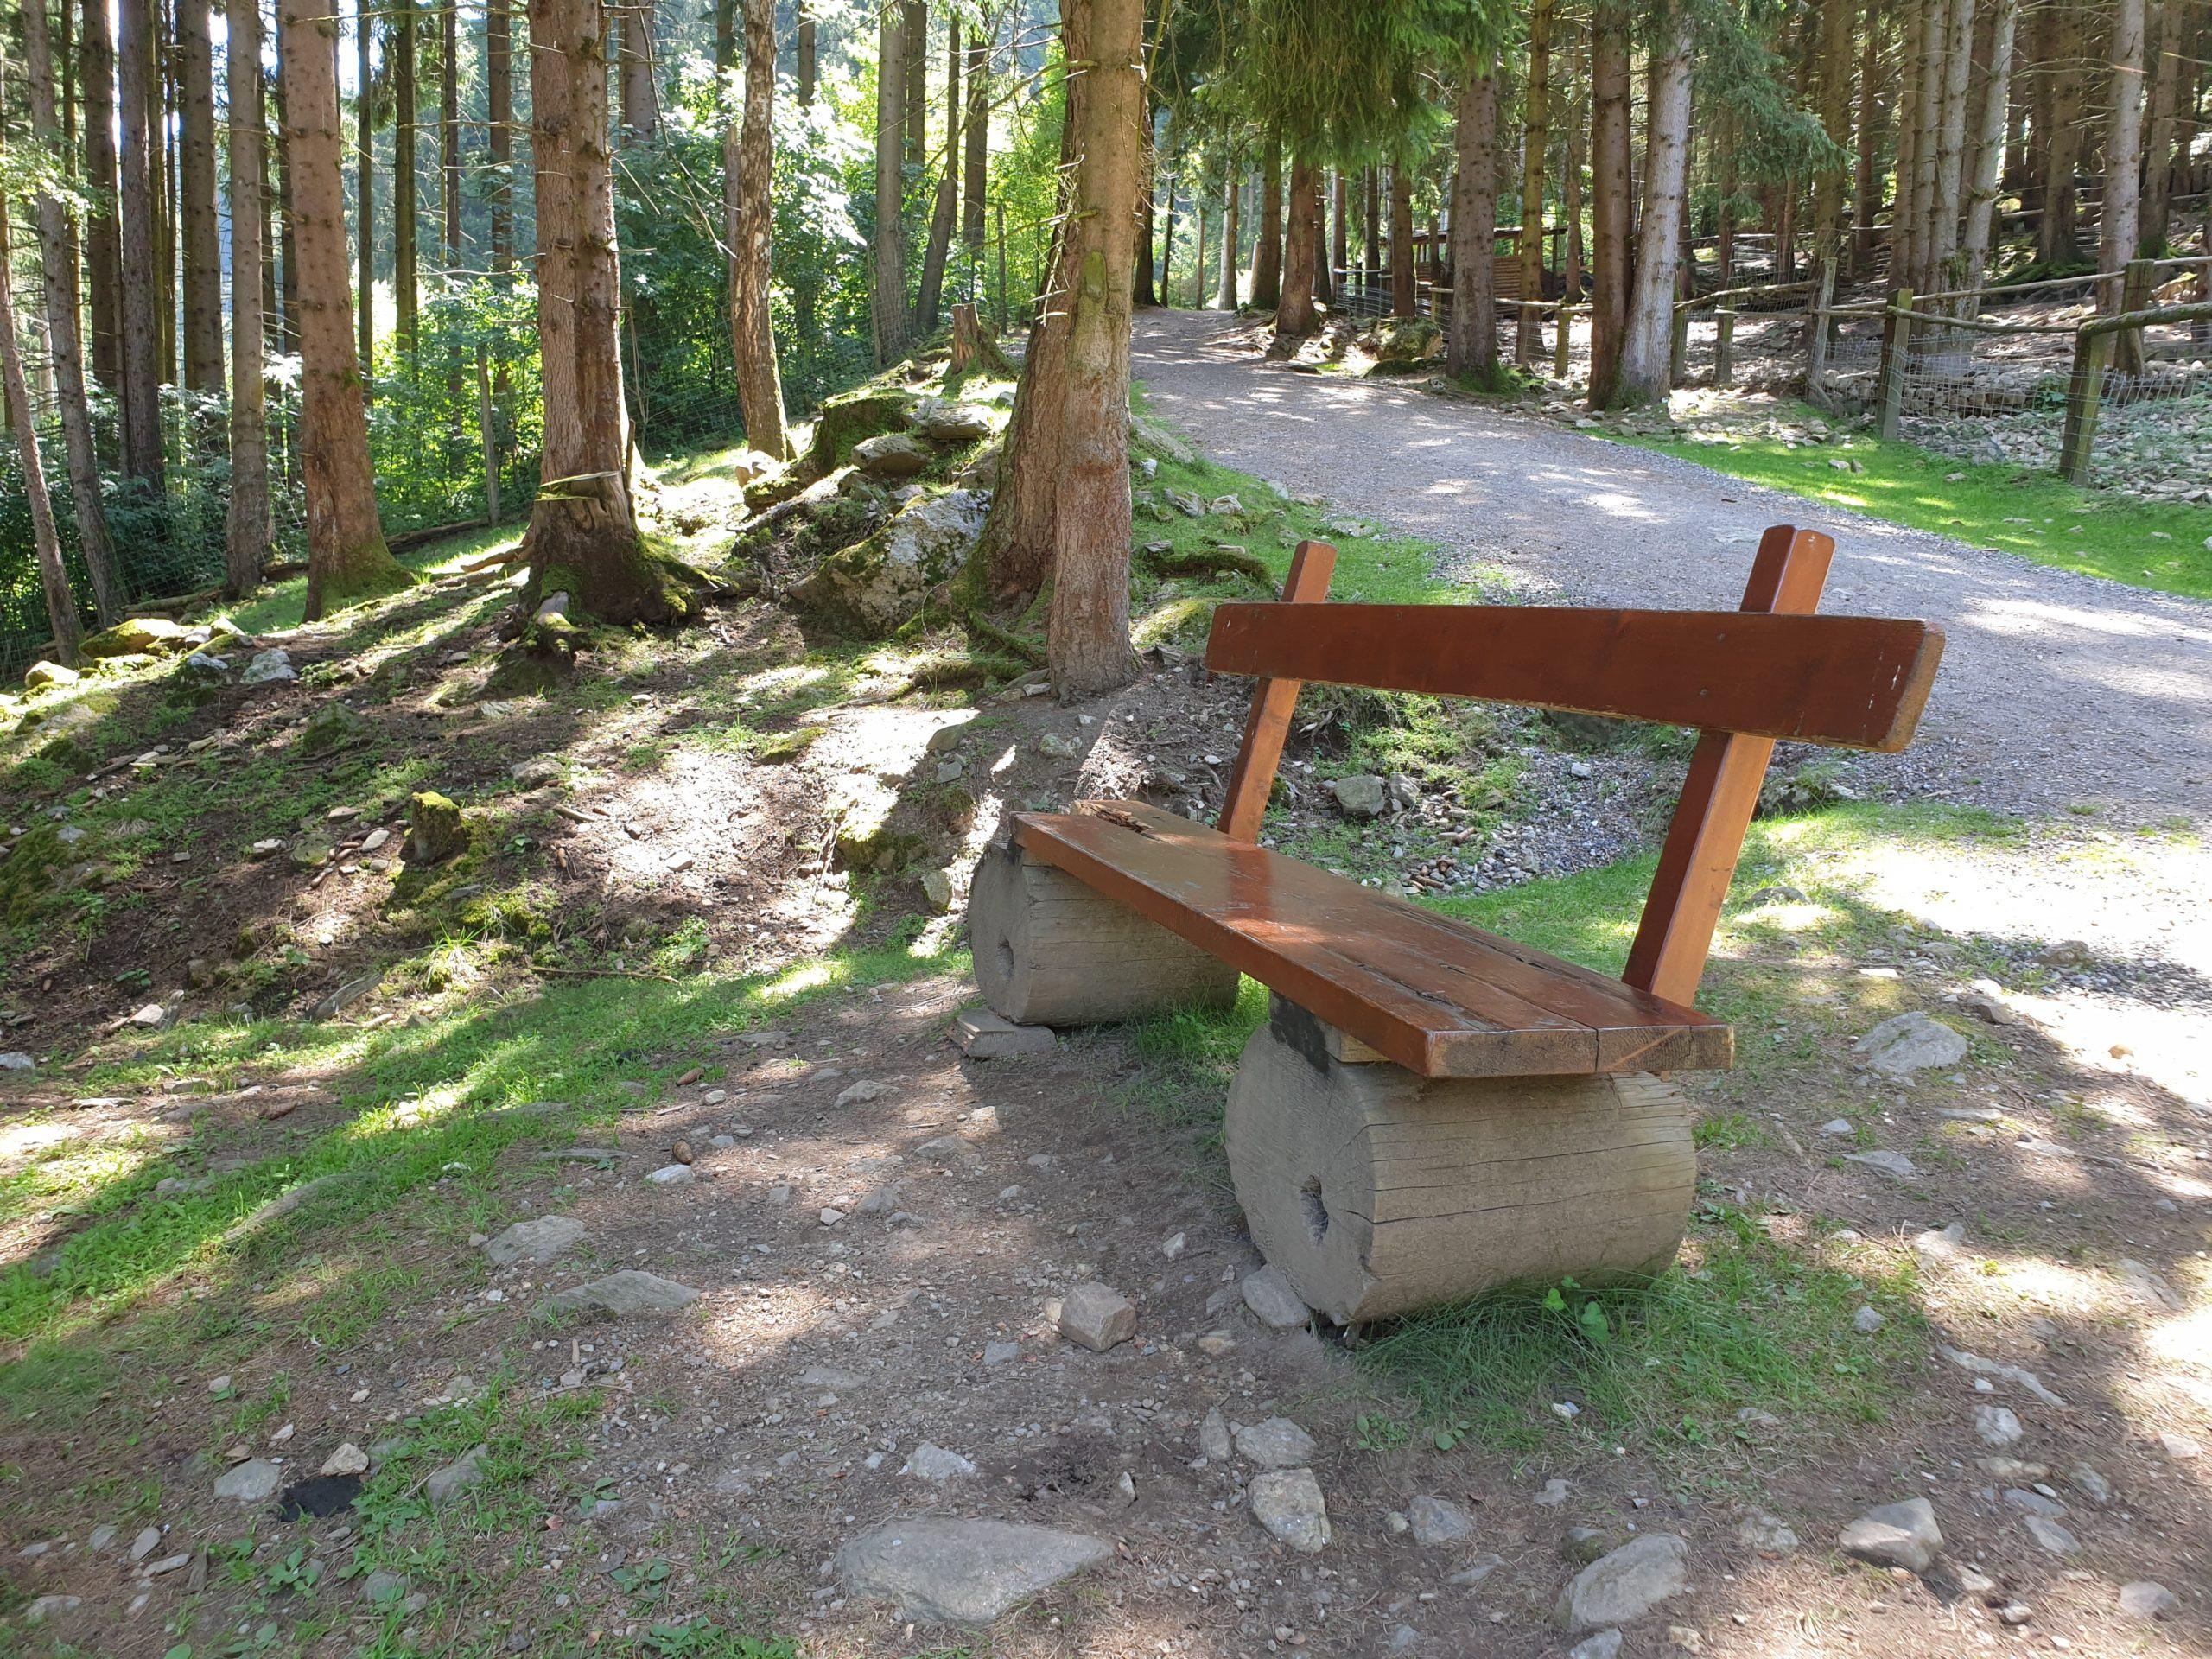 Freizeittipps Nationalparks in Österreich, Wildpark Feld am See, Jagdfakten.at